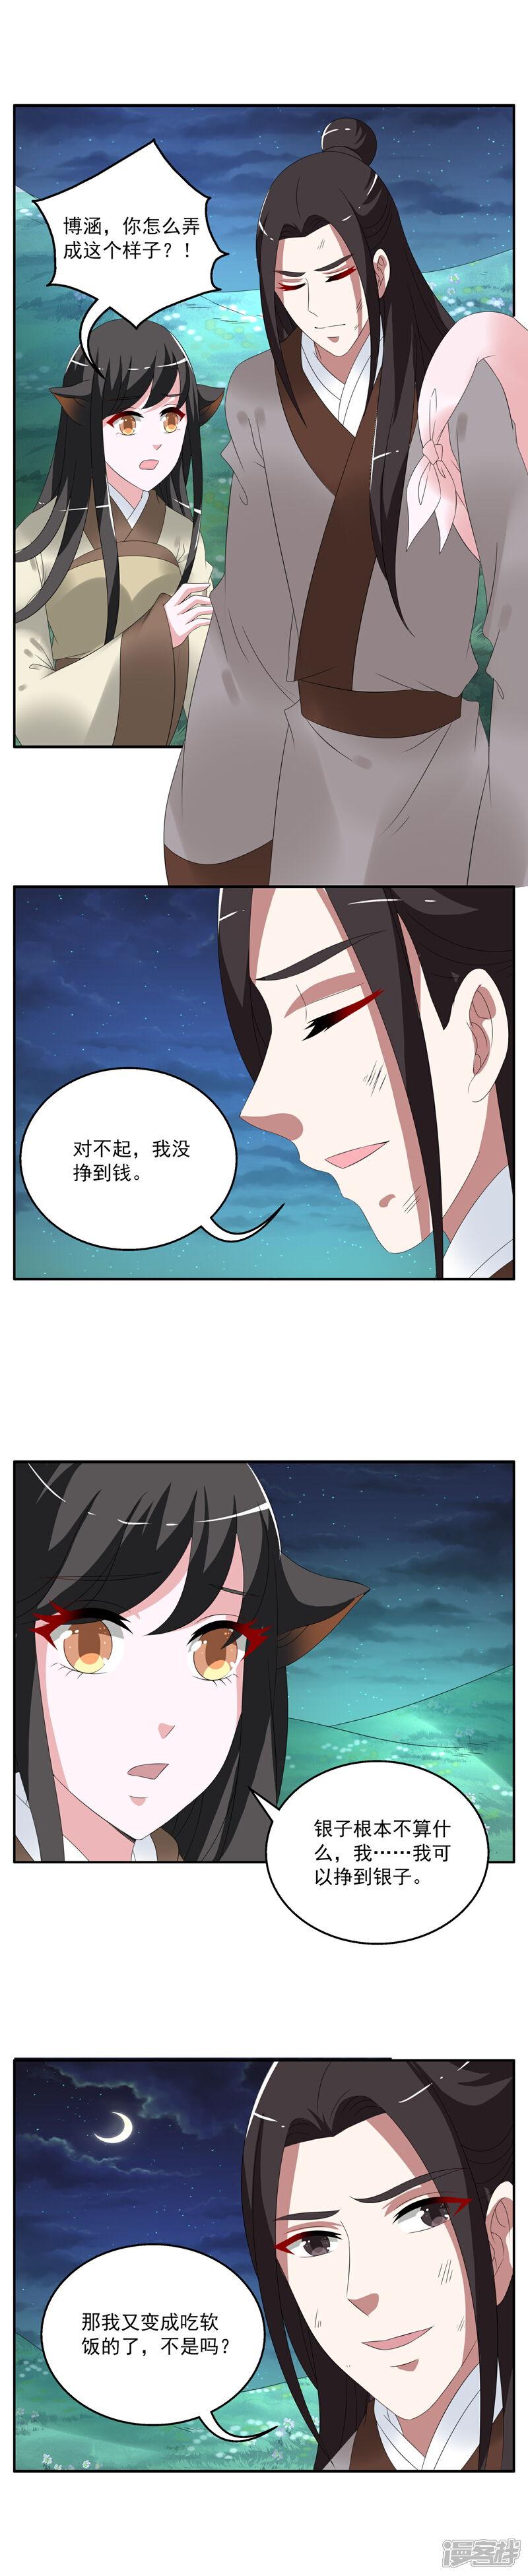 洛小妖157 (6).JPG